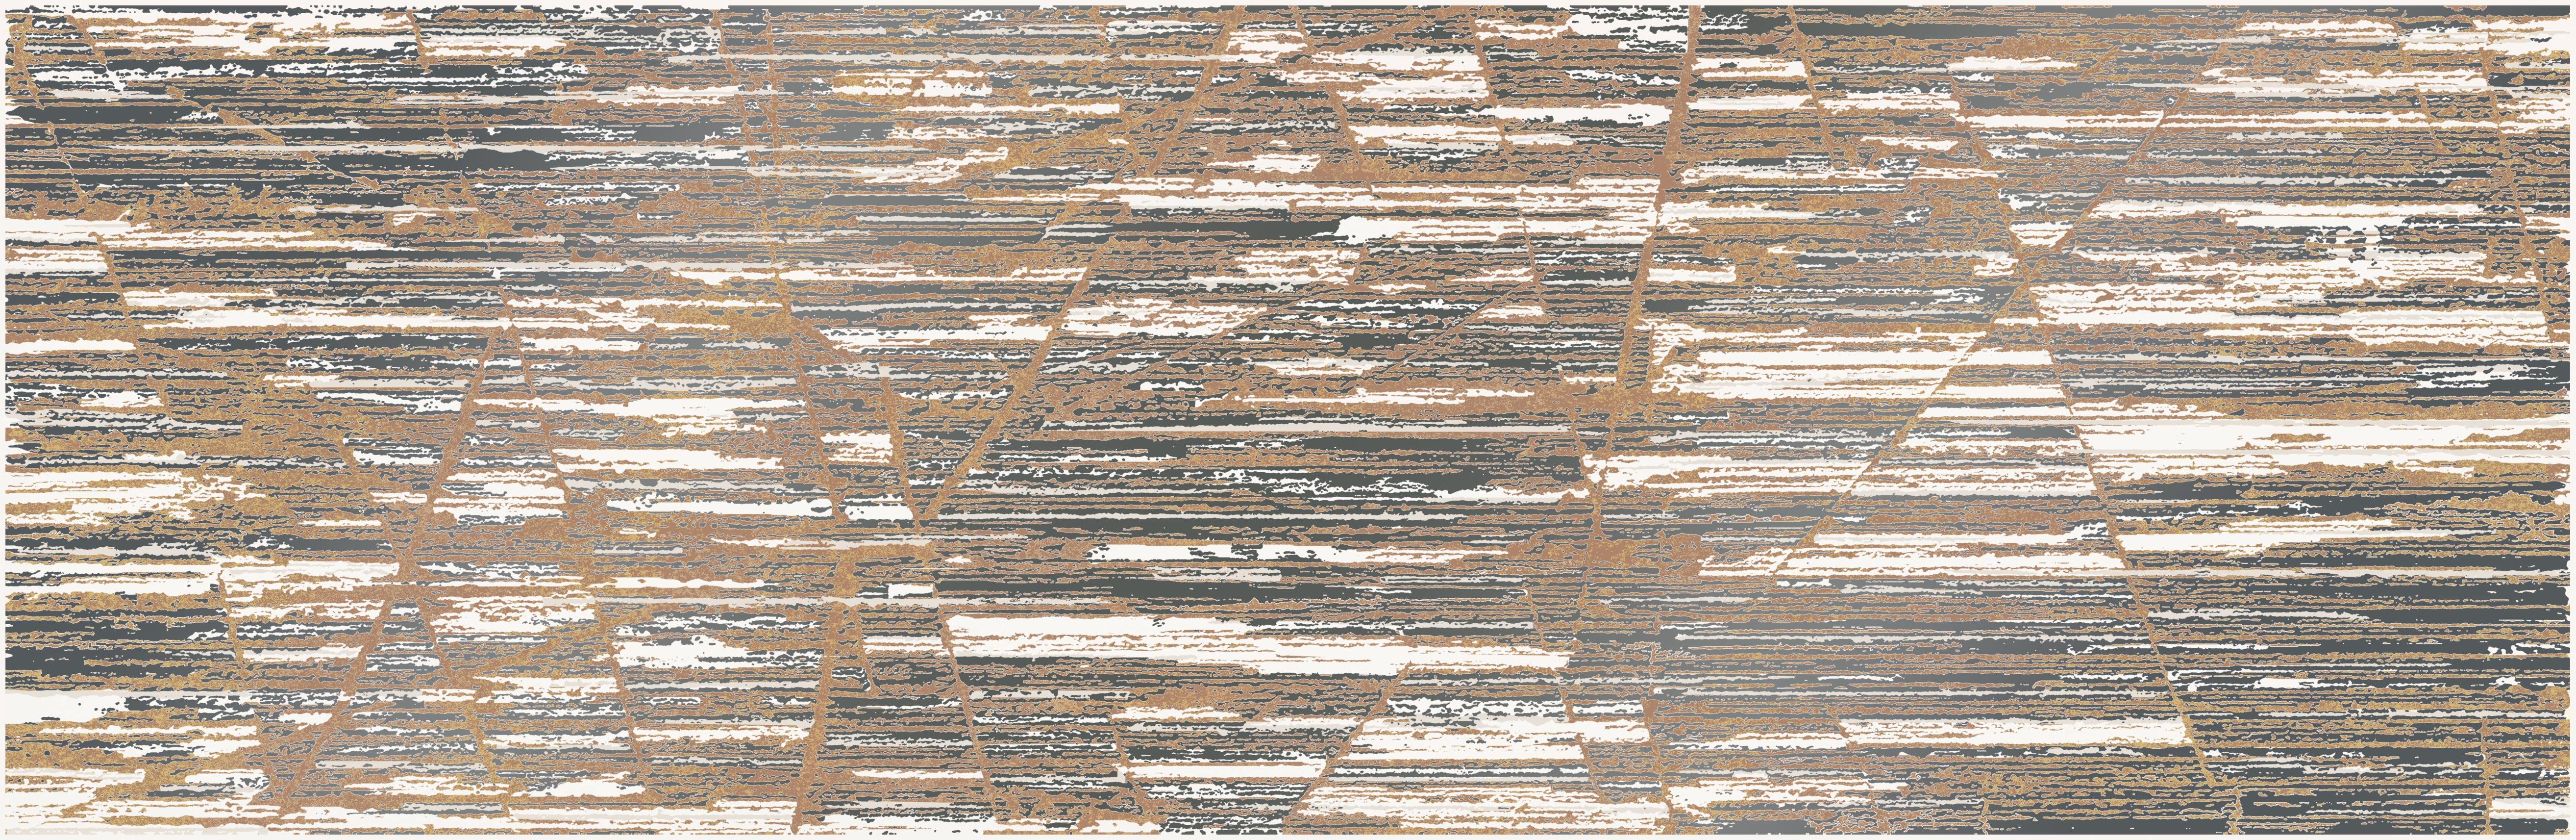 Купить Керамическая плитка Mei Magnifique многоцветный (O-MAG-WID451-14) декор 29x89, Россия